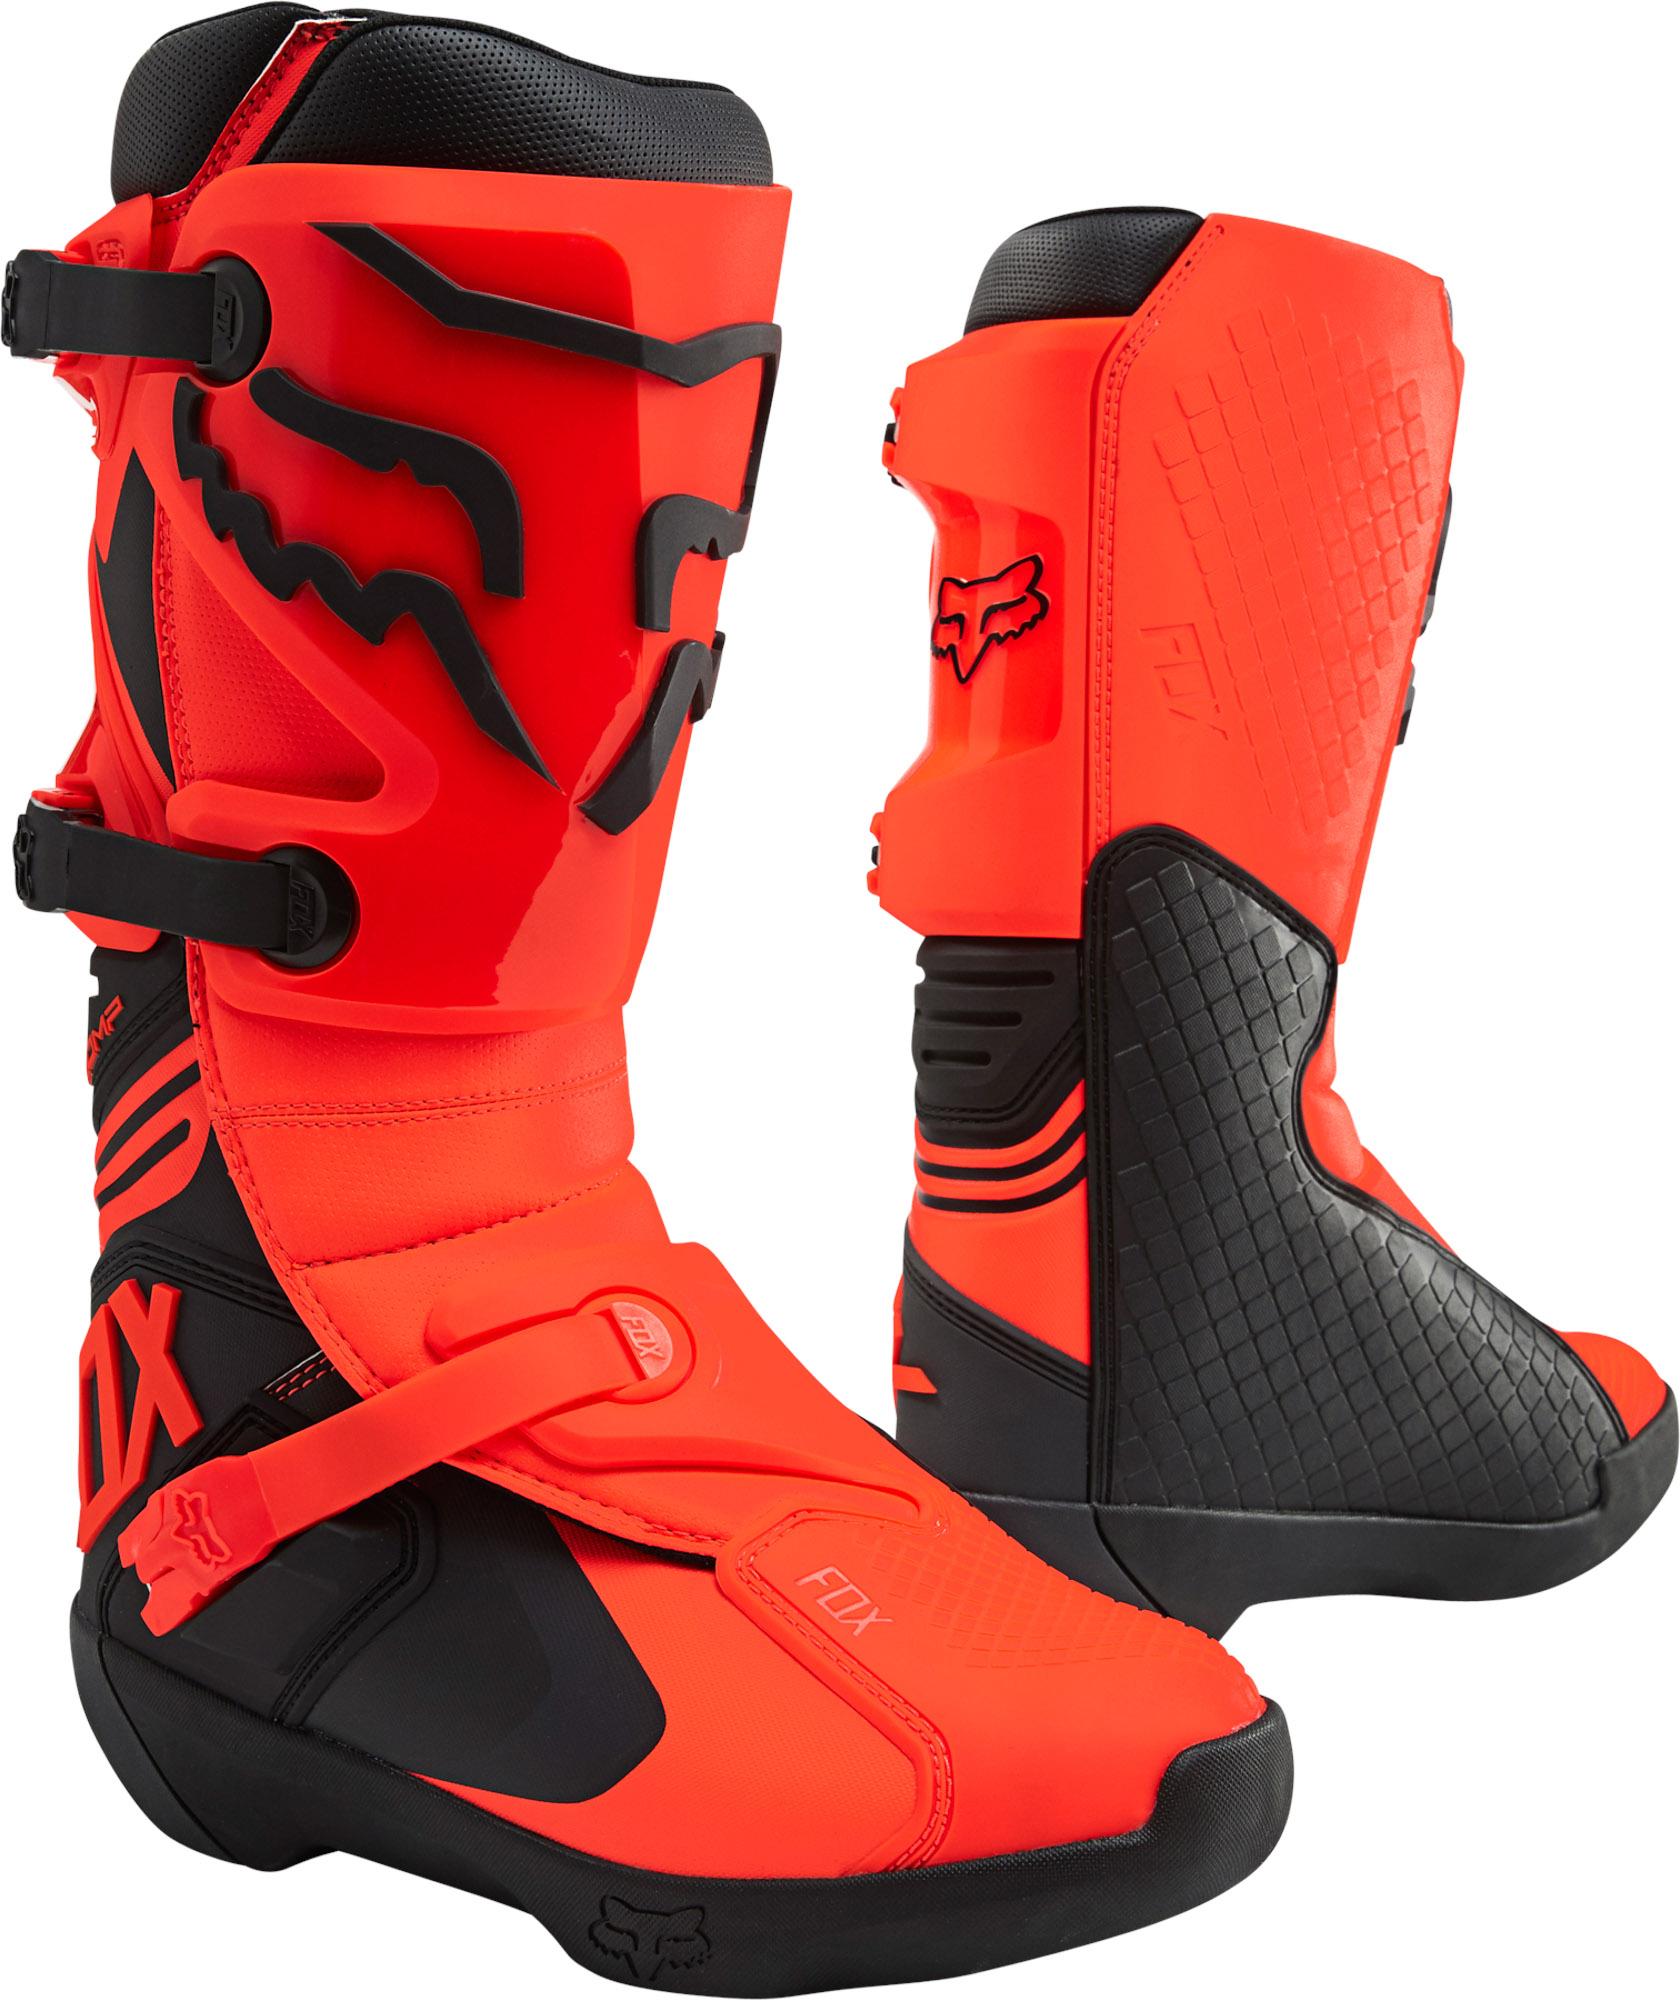 FOX Comp Boot - Fluo Orange MX22